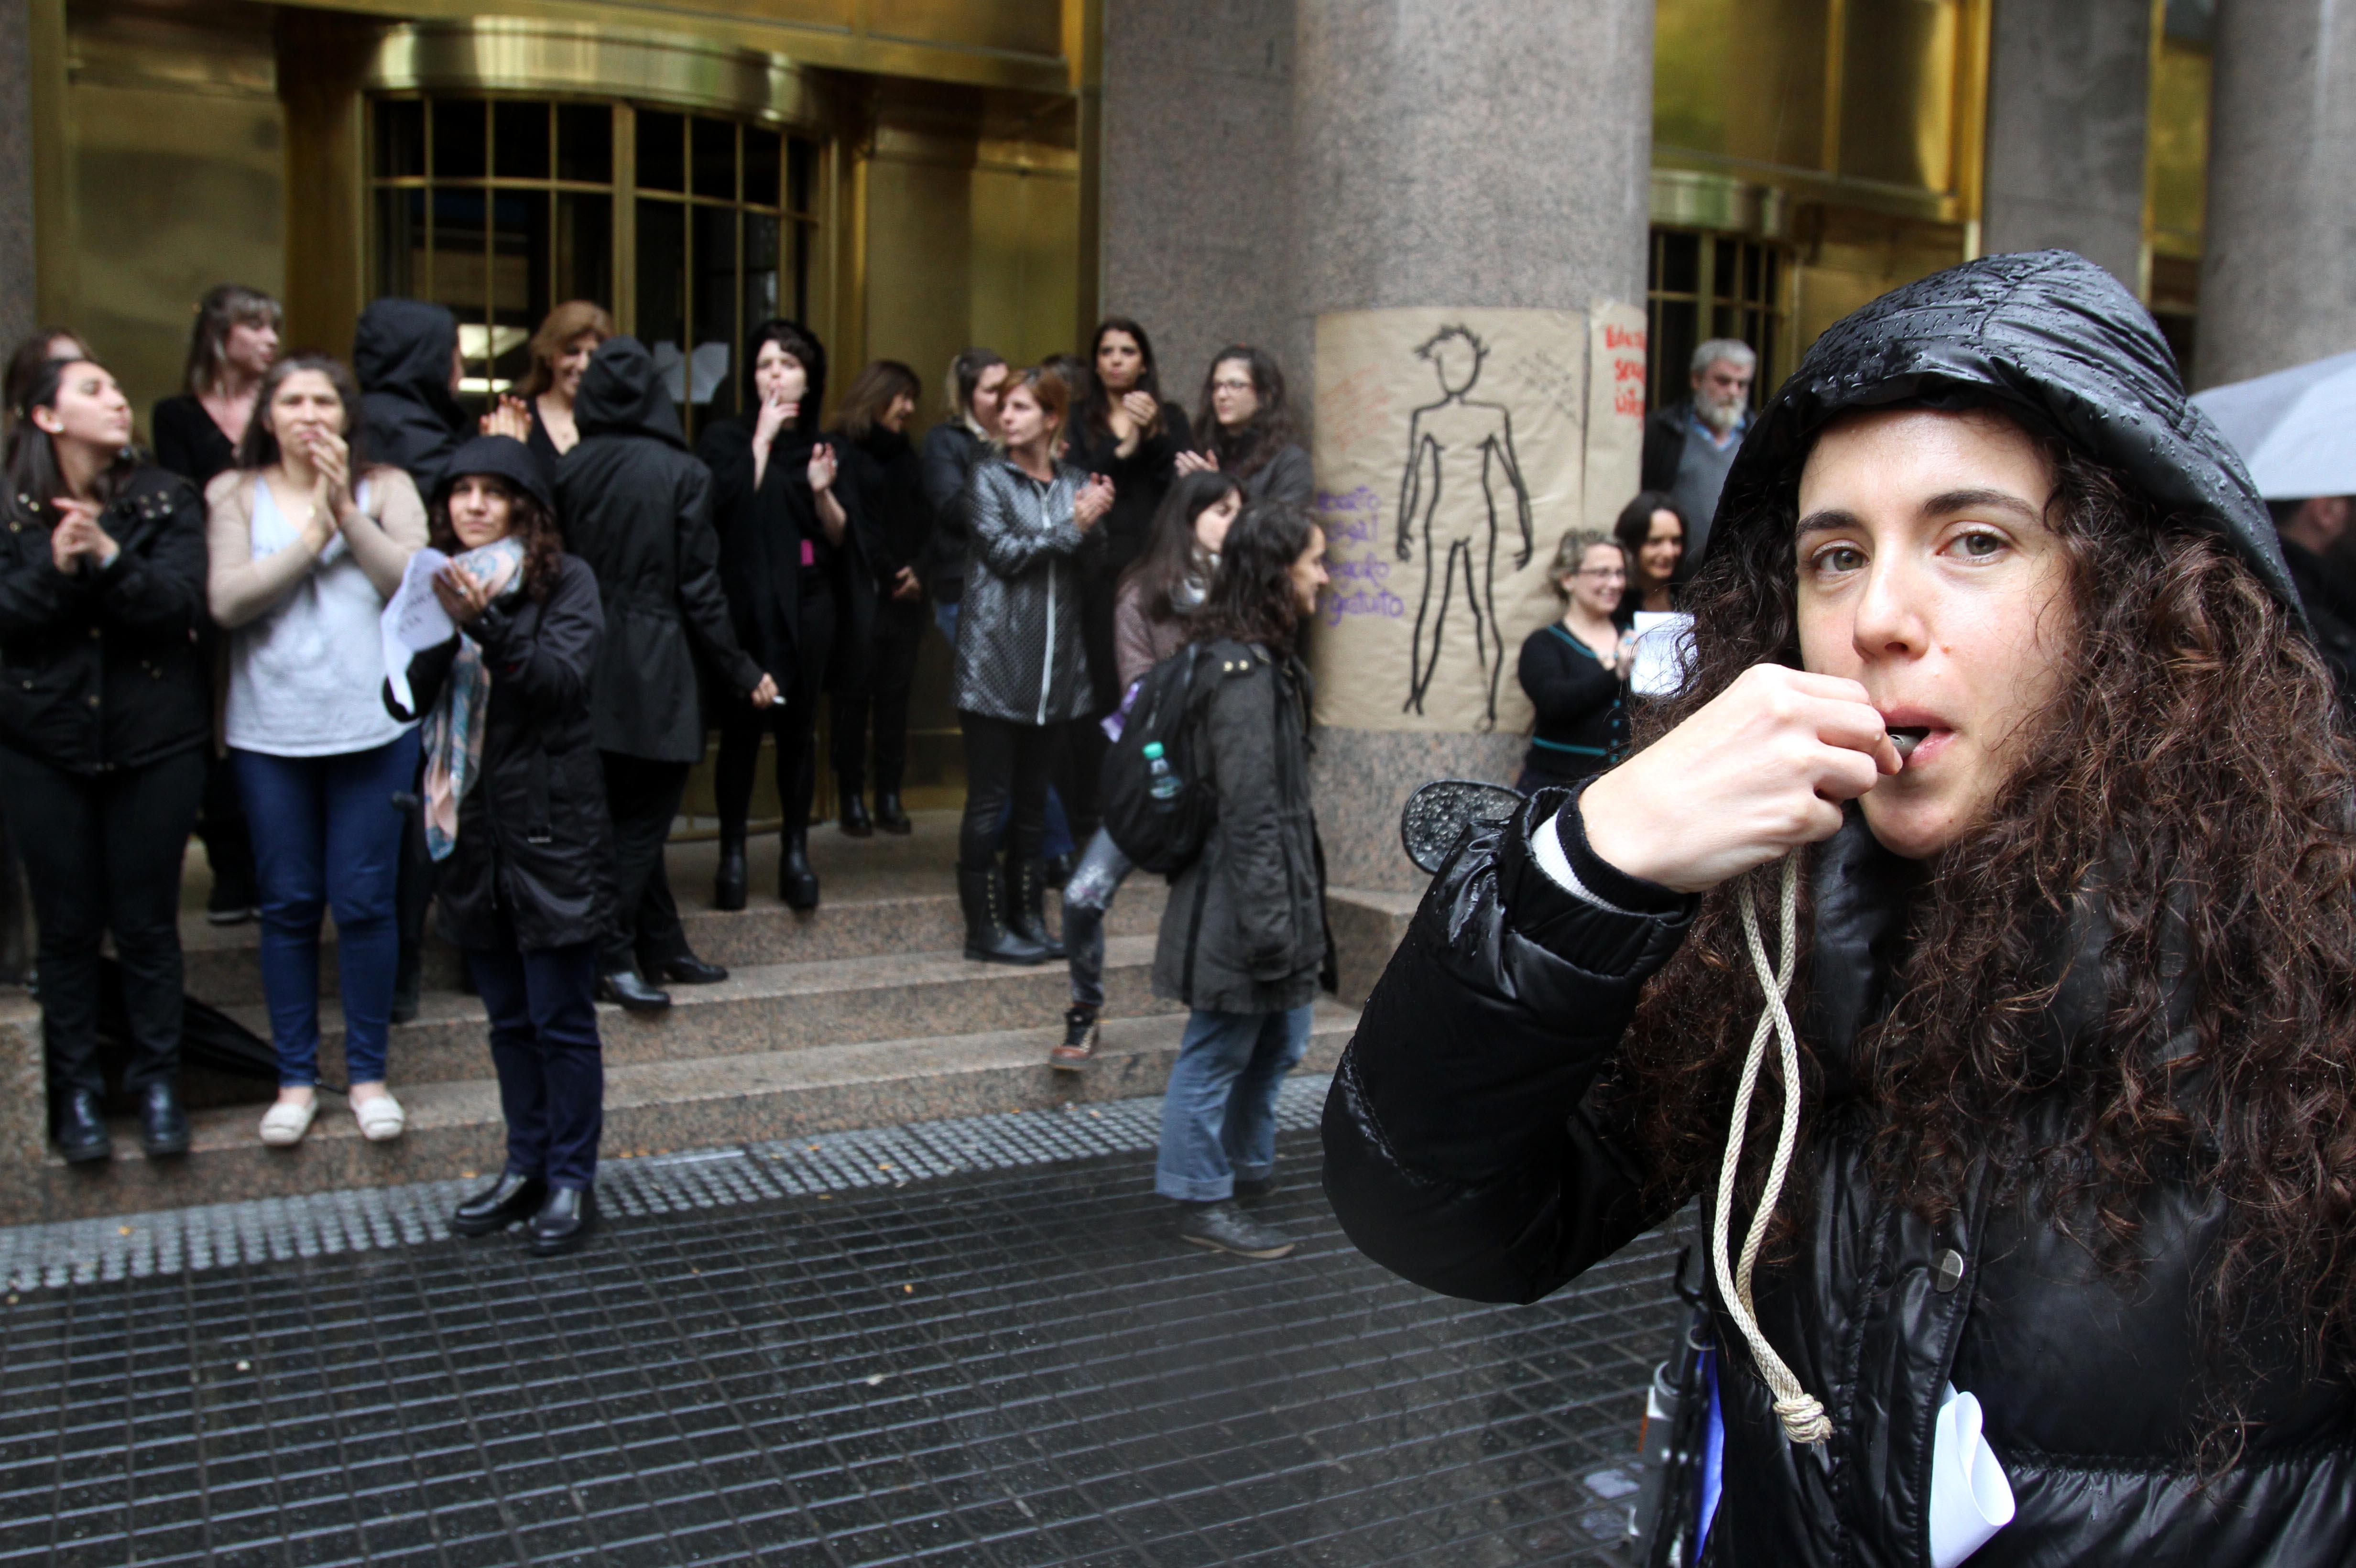 """DYN18, BUENOS AIRES 19/10/16, MUJERES PARA AL GRITO """"NI UNA MENOS"""" EN EL CENTRO PORTEÑO.FOTO:DYN/CARLOS GRECO."""